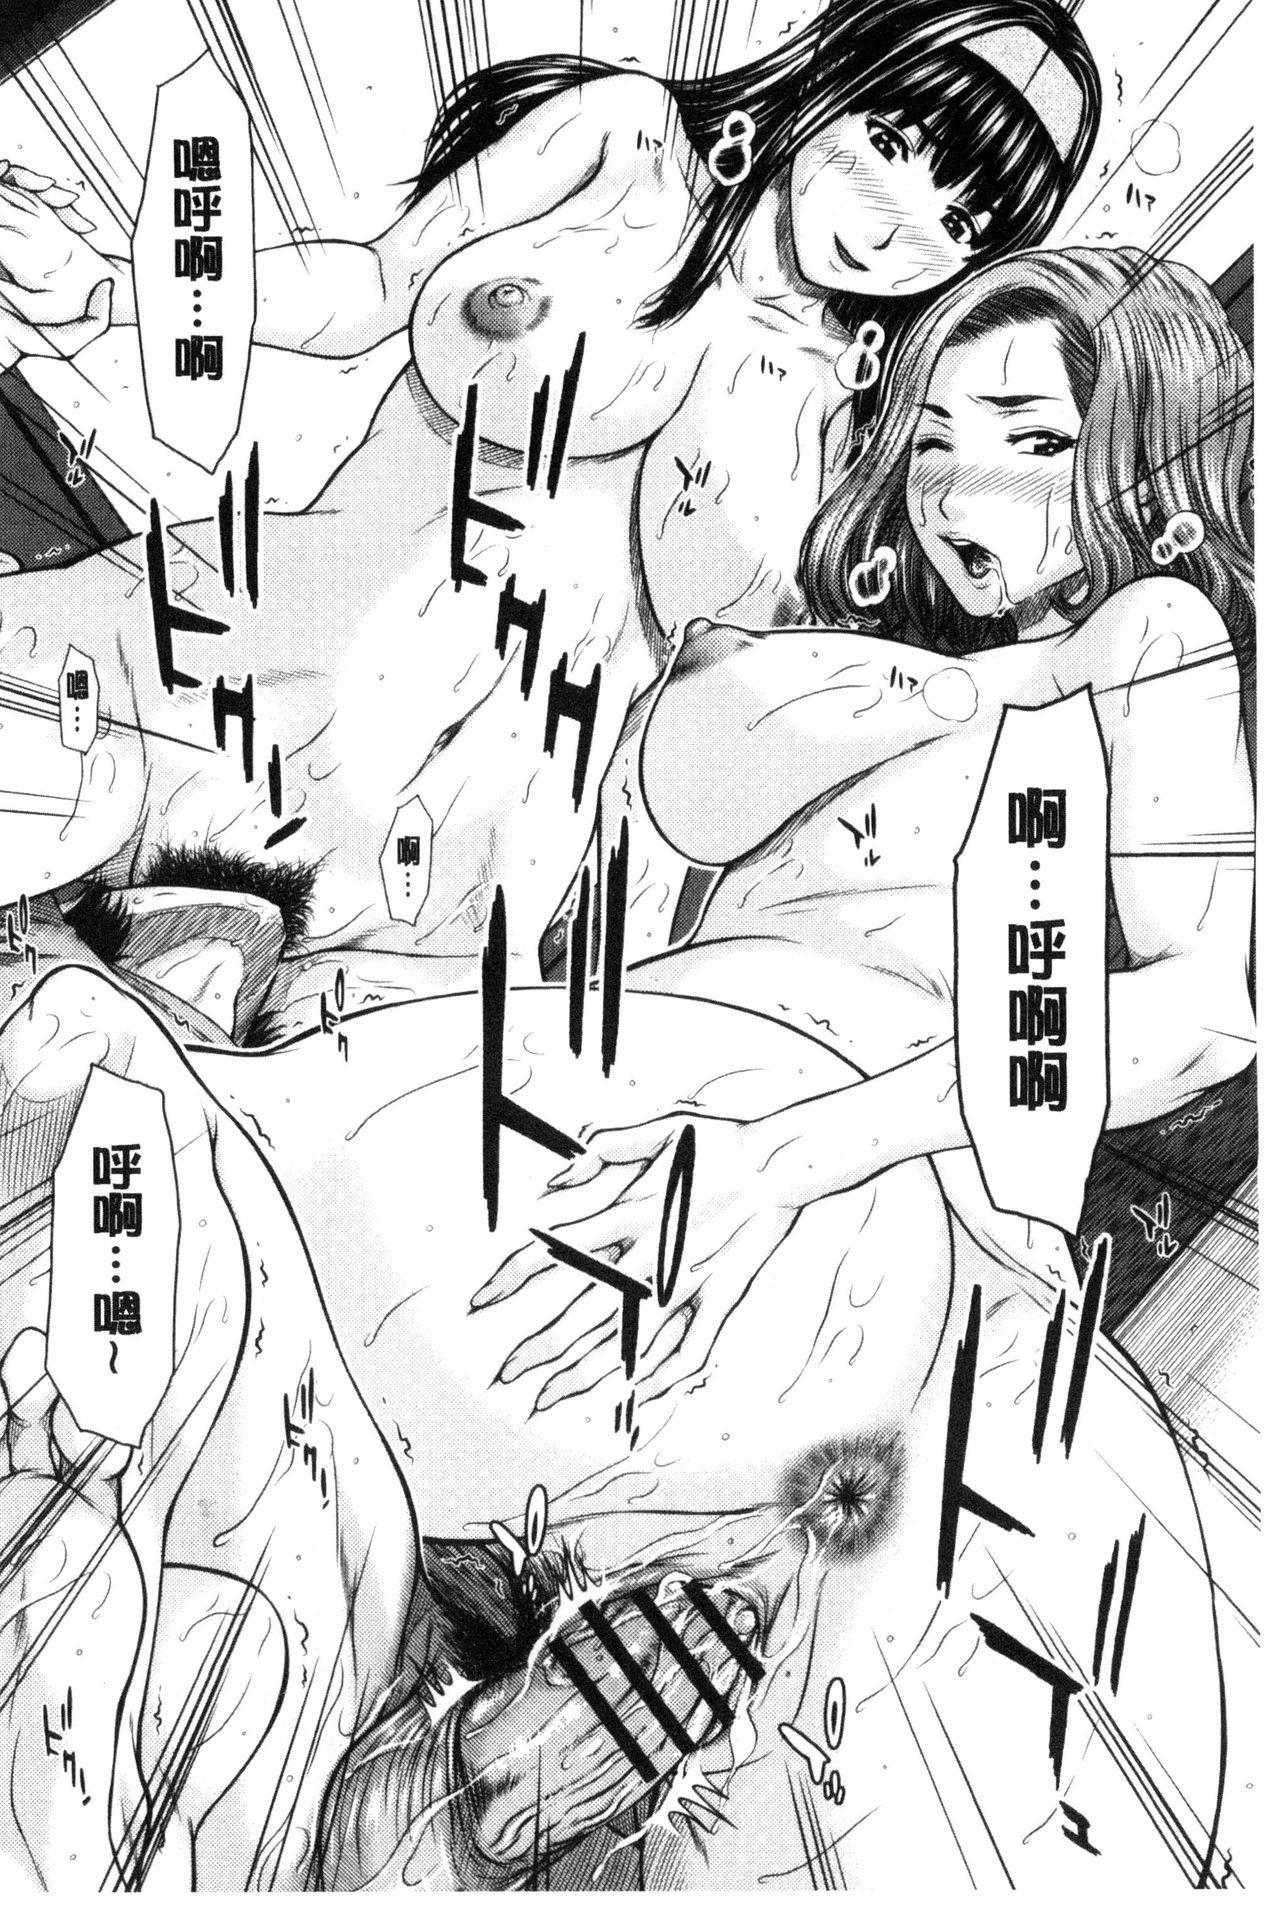 Mesukano Inbina Mesu Kanojotachi To No Hibi 136